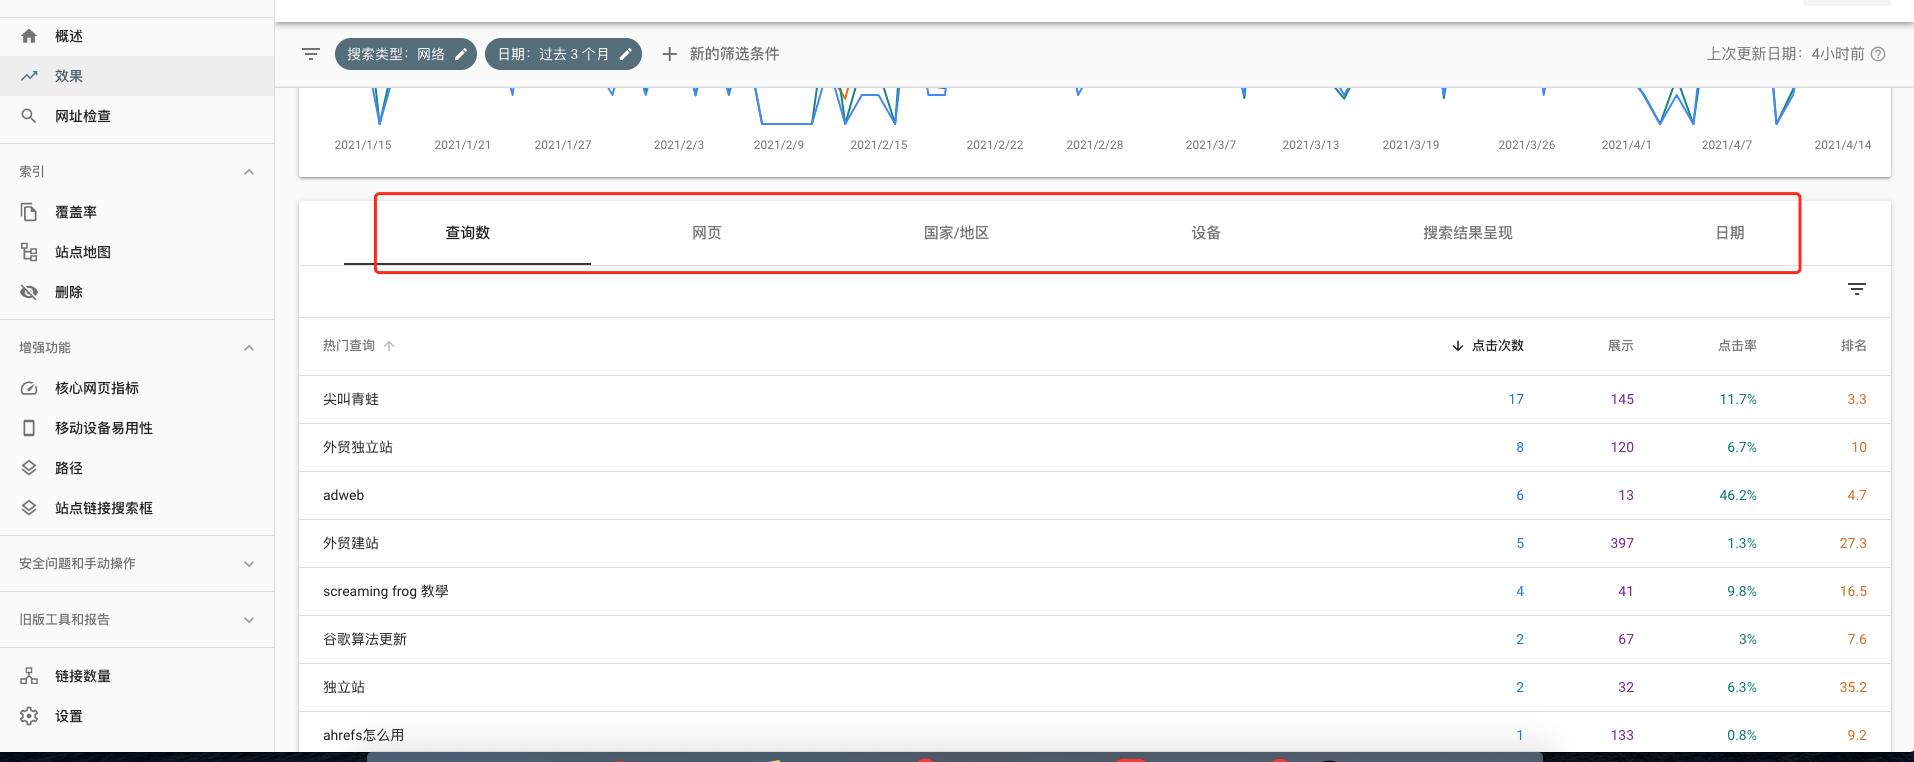 不同维度的谷歌seo排名